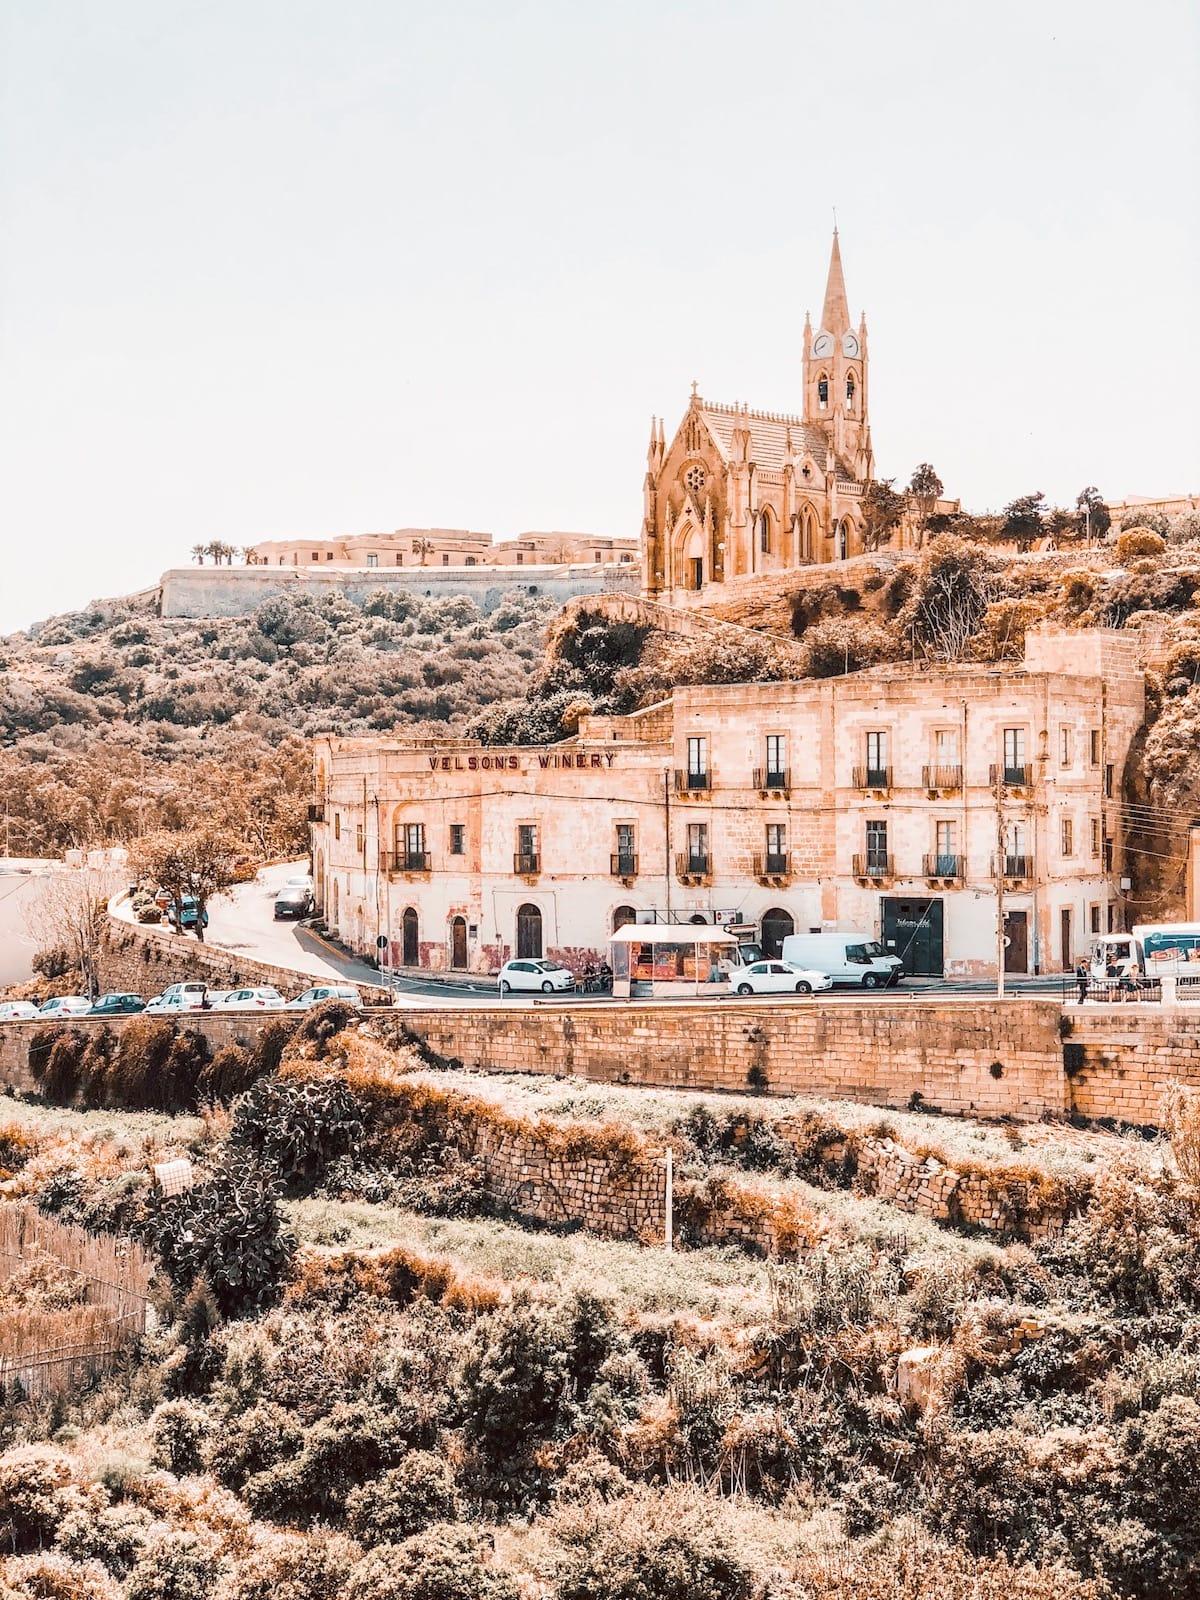 Mgarr Hafen, Fähre,Gozo Urlaub, Gozo Sehenswürdigkeiten, Malta Urlaub ohne Mietwagen, Malta Rundreise